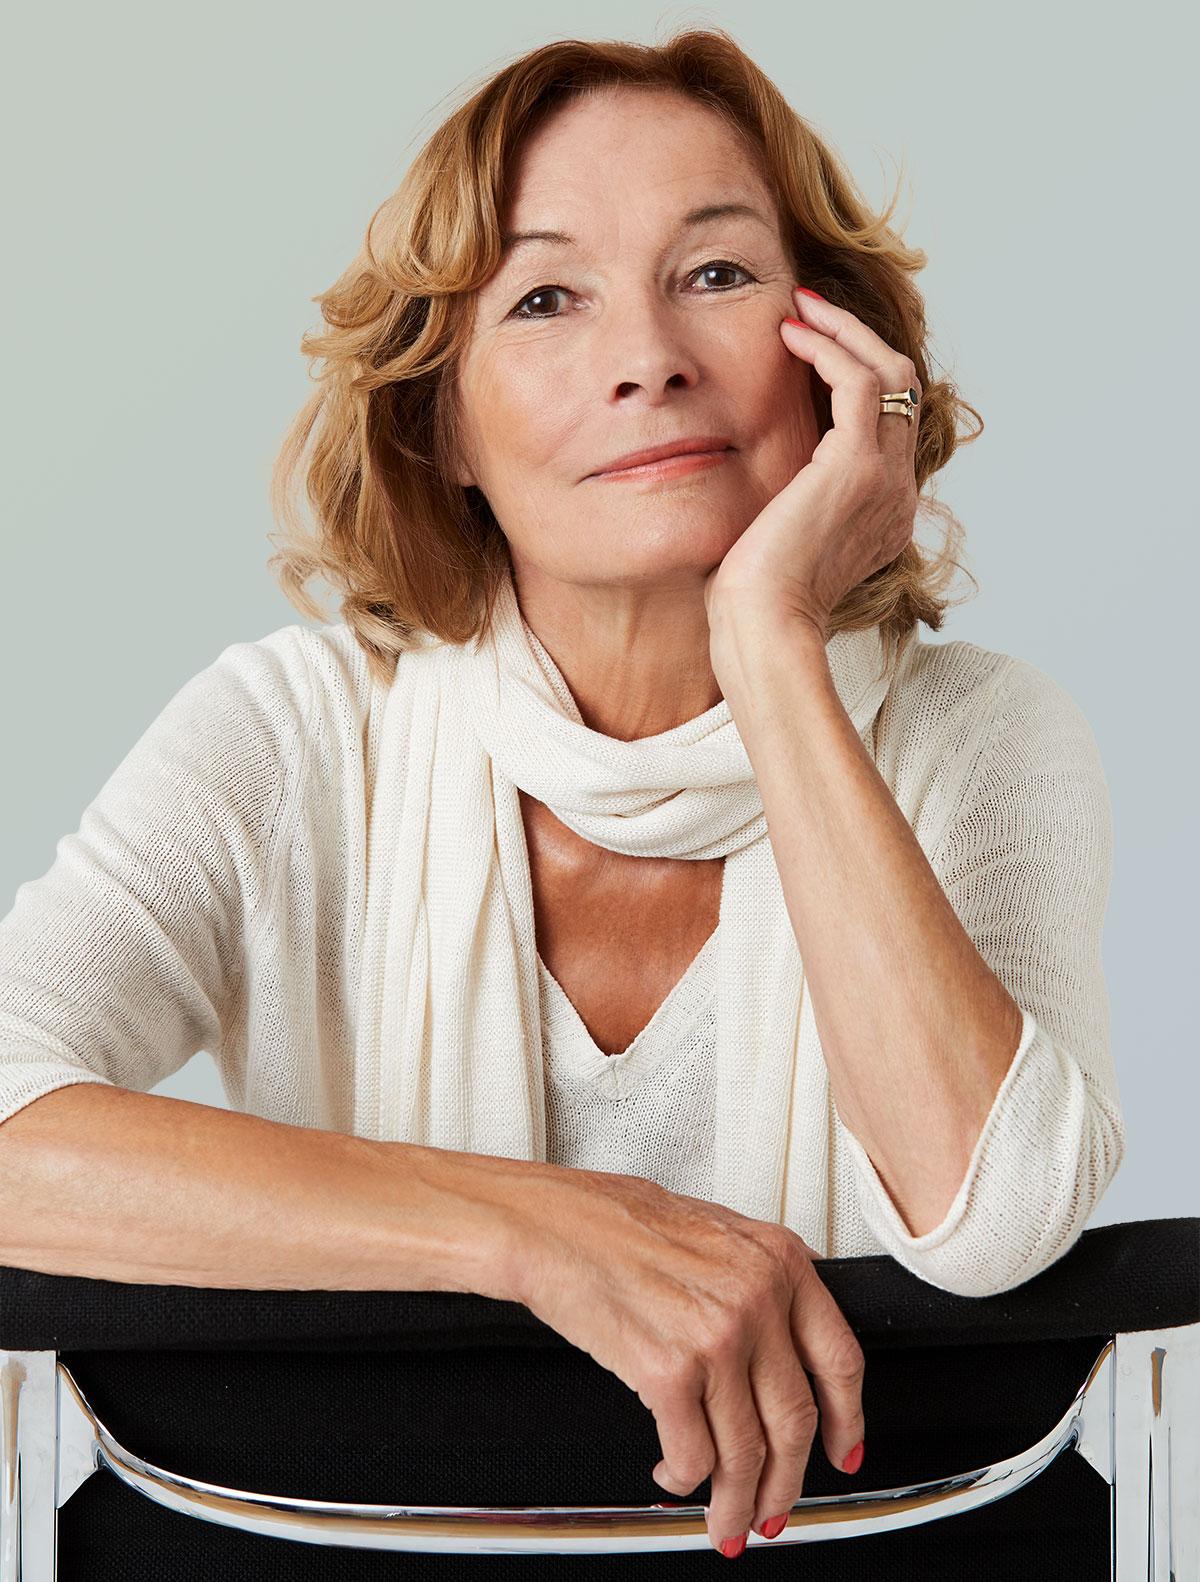 Frau sitzt lässig auf Stuhl und stützt Kopf mit einer Hand ab